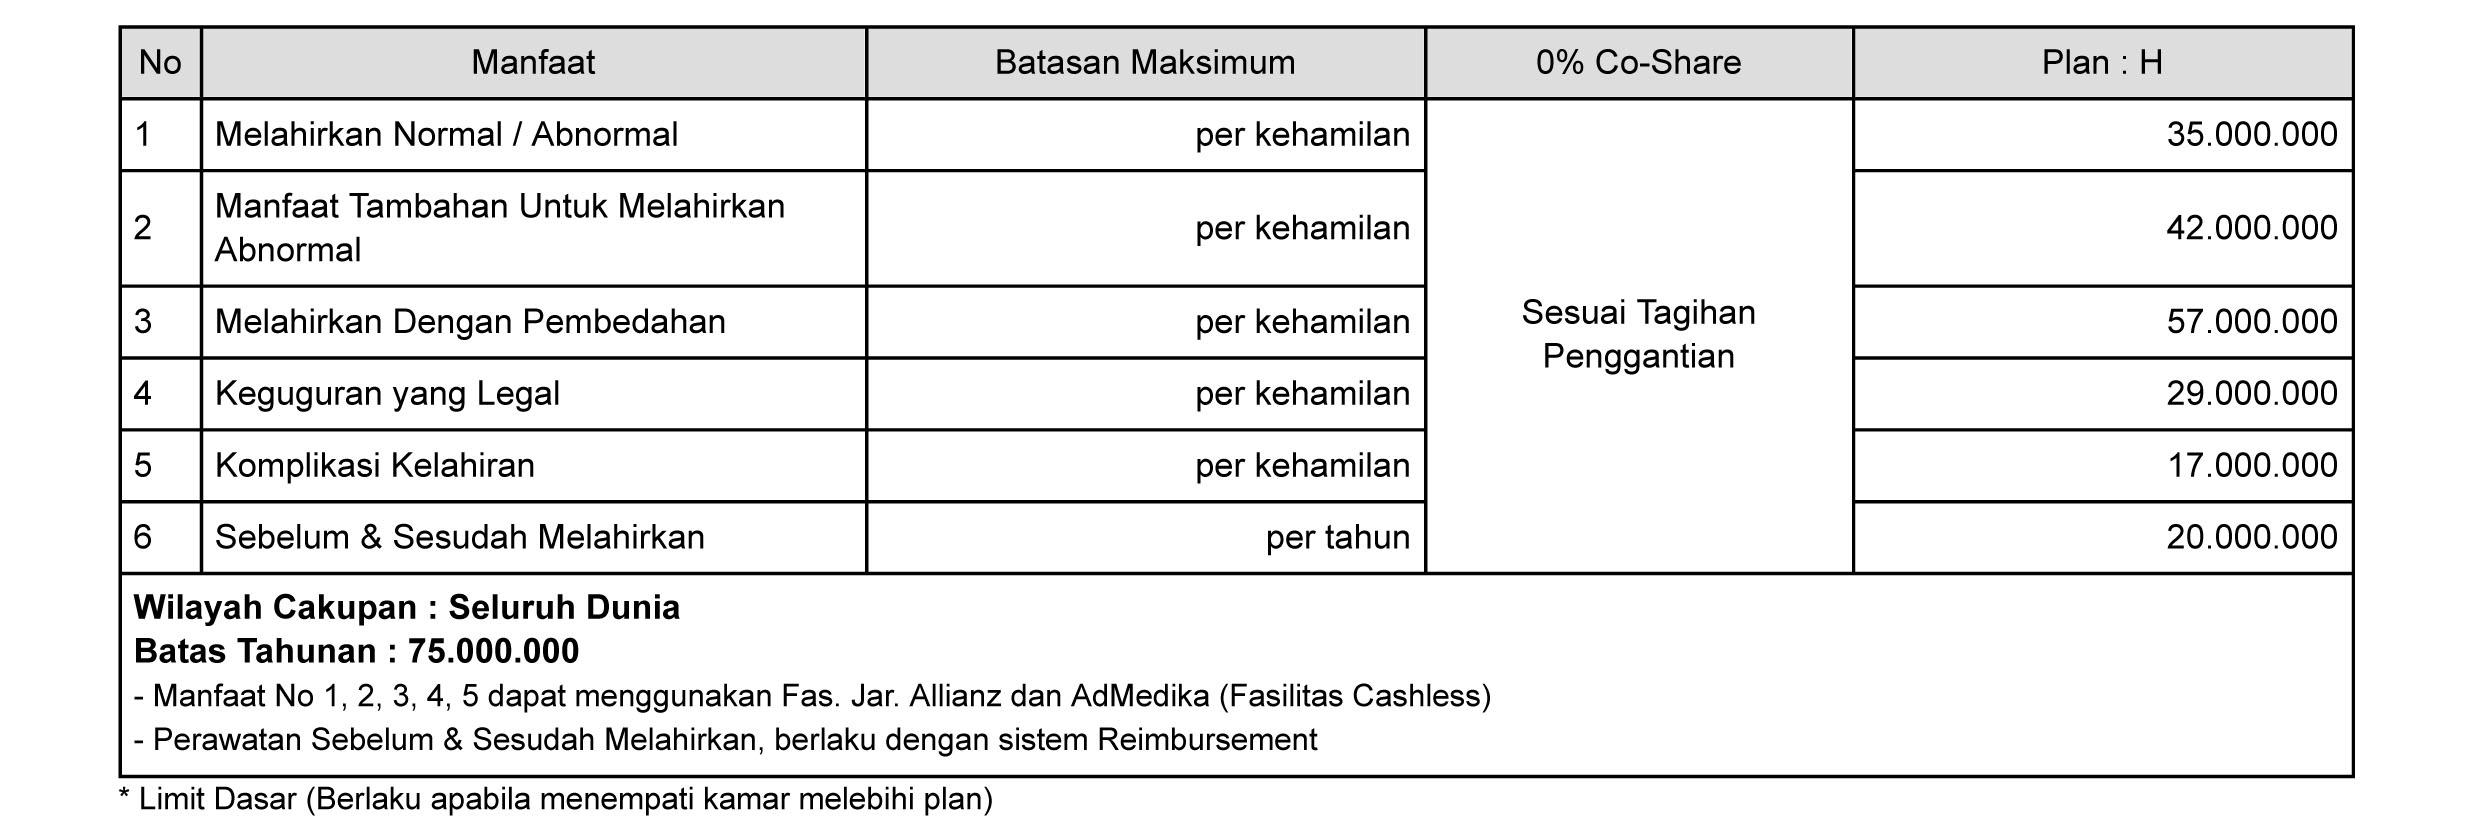 tabel manfaat asuransi melahirkan smartmed premier plan H